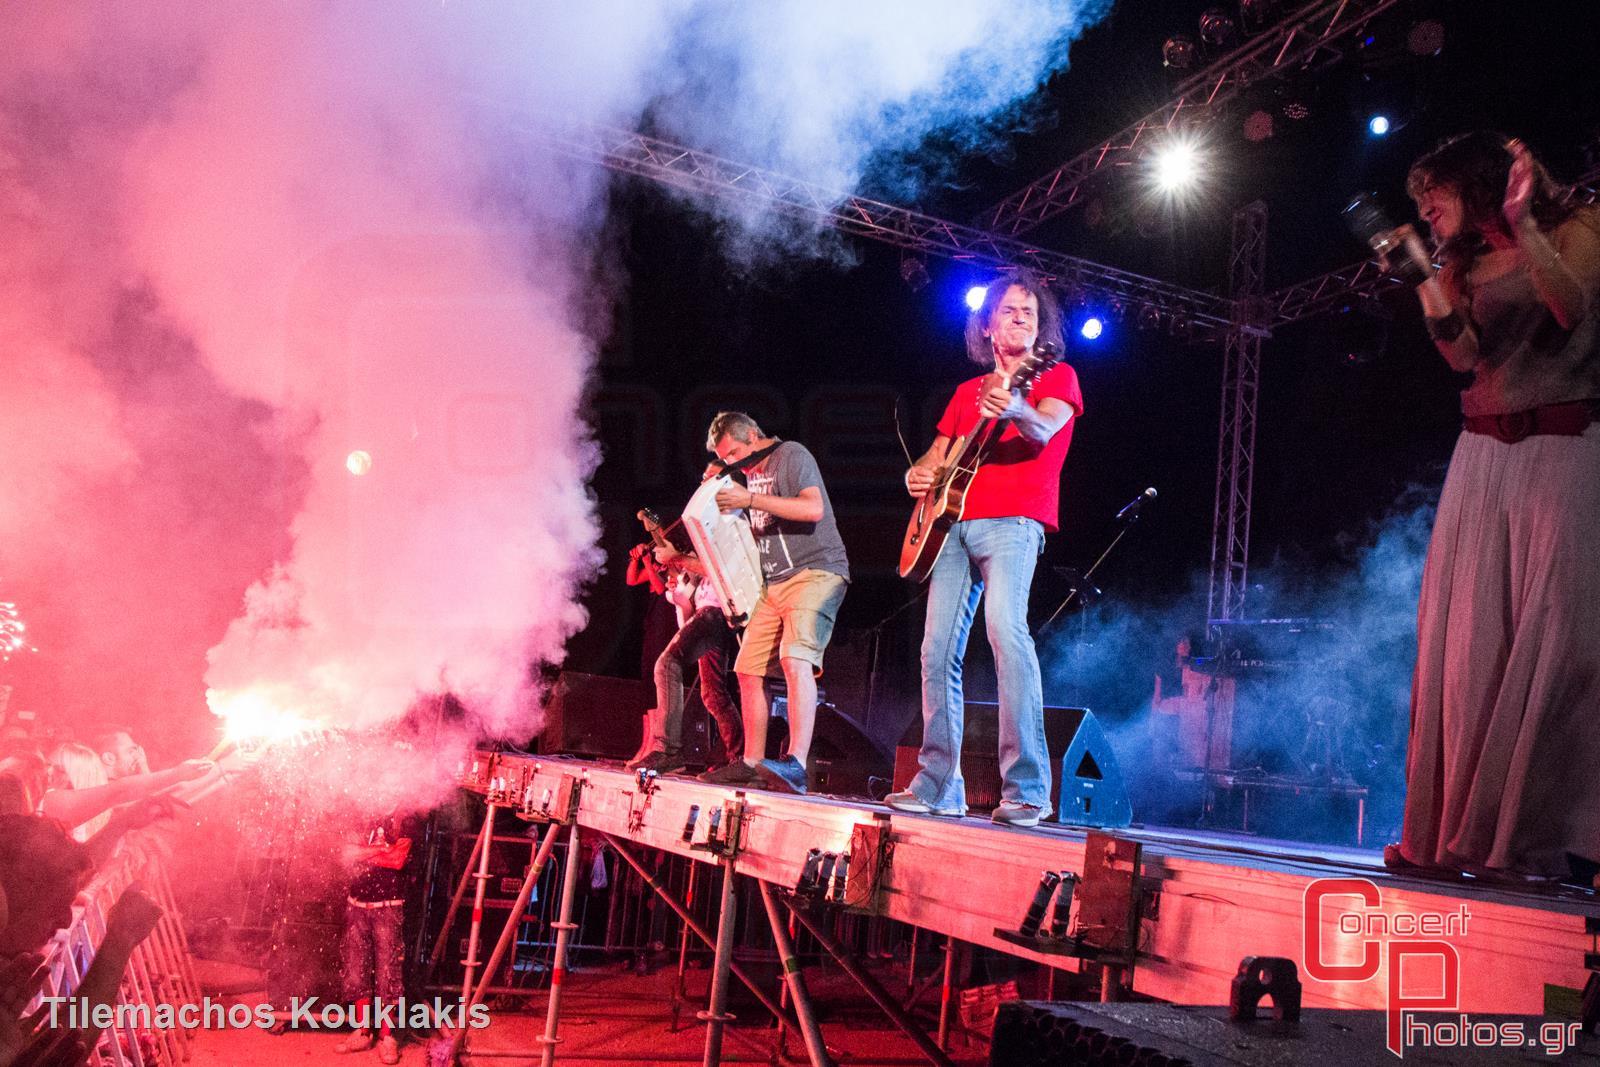 Βασίλης Παπακωνσταντίνου - 40 Χρόνια Έφηβος-Vasilis Papakonstantinou 40 Chronia Efivos photographer: Tilemachos Kouklakis - concertphotos_-4973